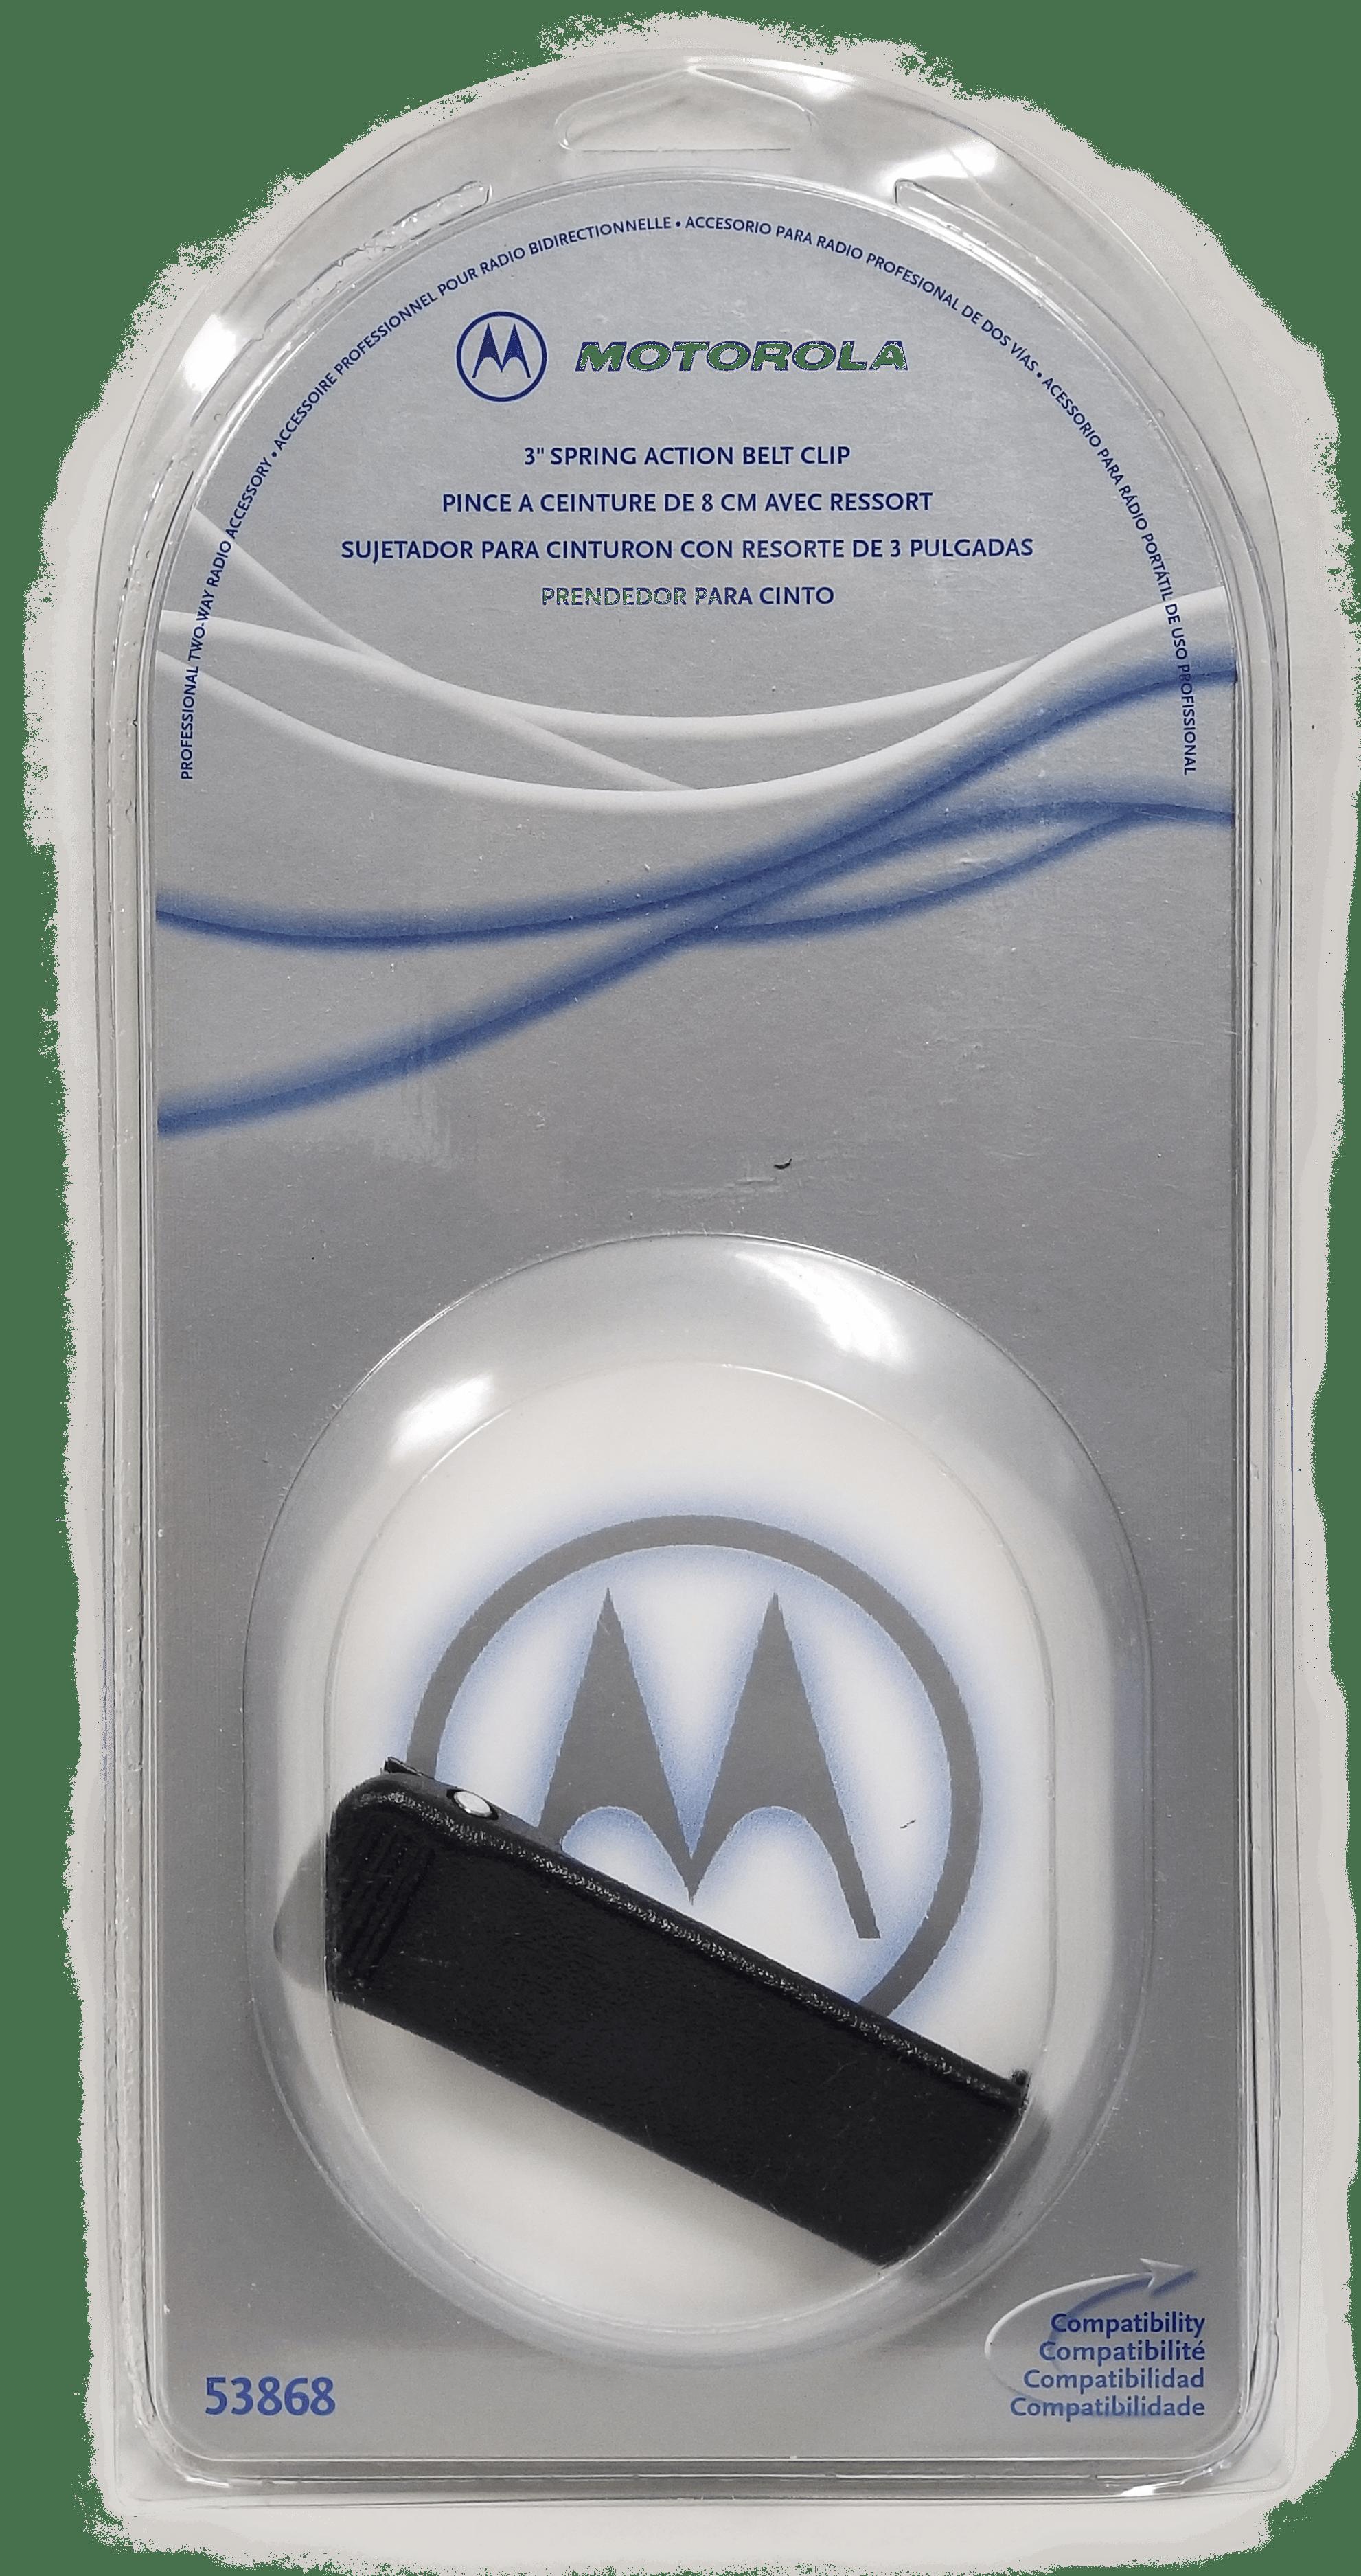 53868 - Motorola Heavy Duty Belt Clip For Spirit Radios